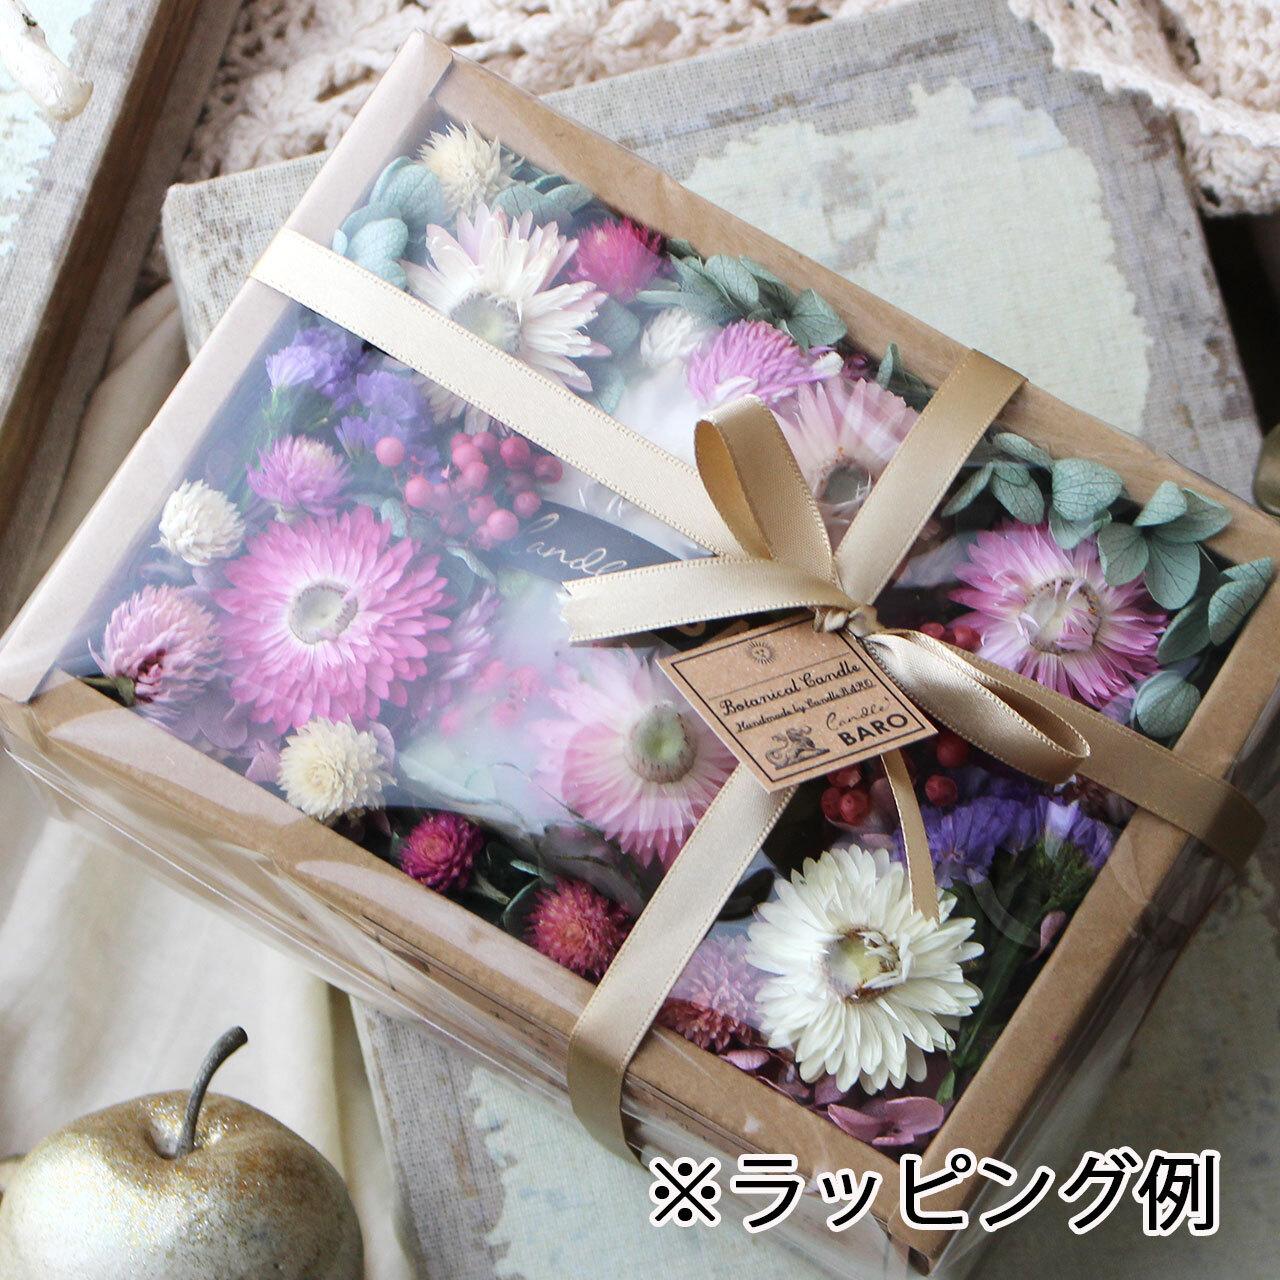 透明ラッピング&紙袋付き☆ボタニカルキャンドルギフト プリザーブドヘリクリサム